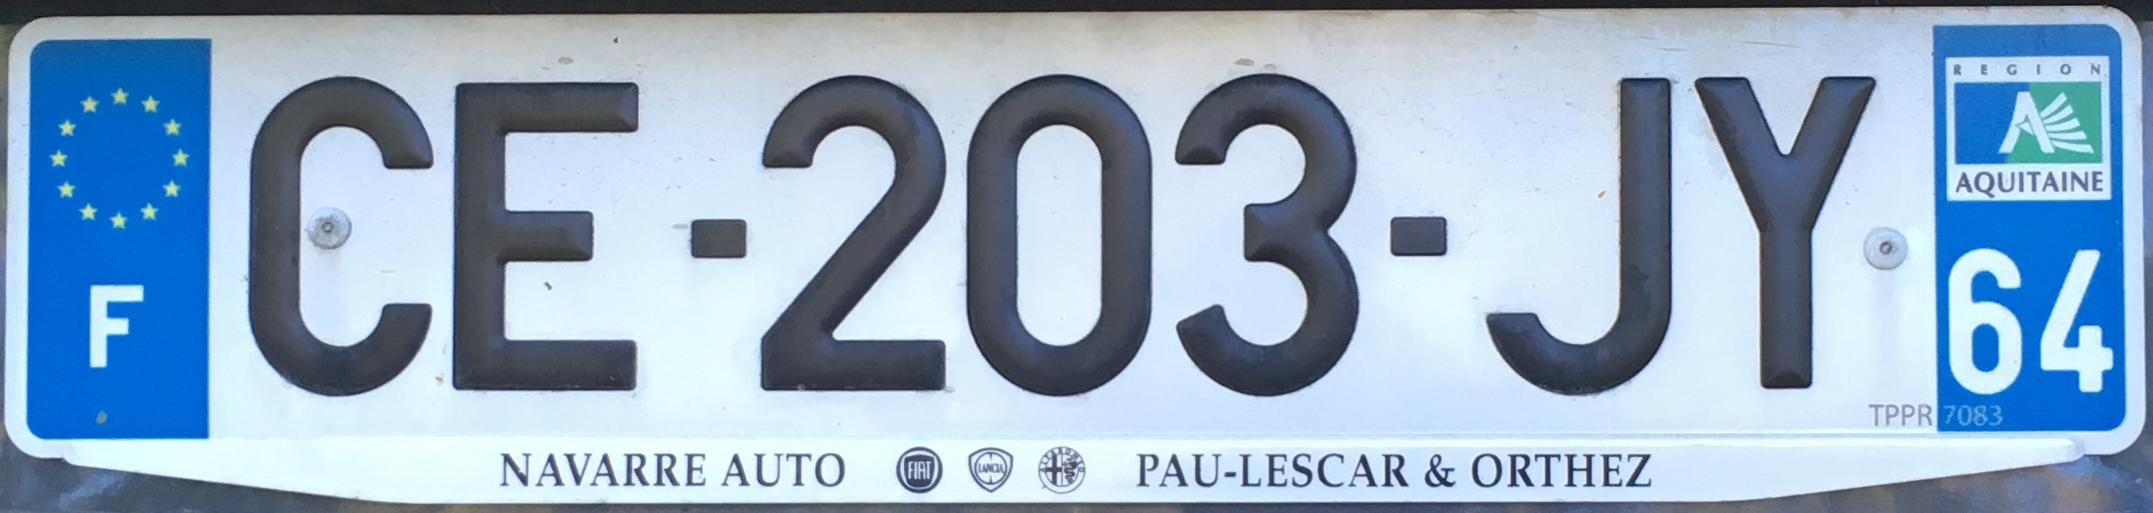 Francouzská registrační značka – 64 - Pyrénées-Atlantiques, foto: www.podalnici.cz